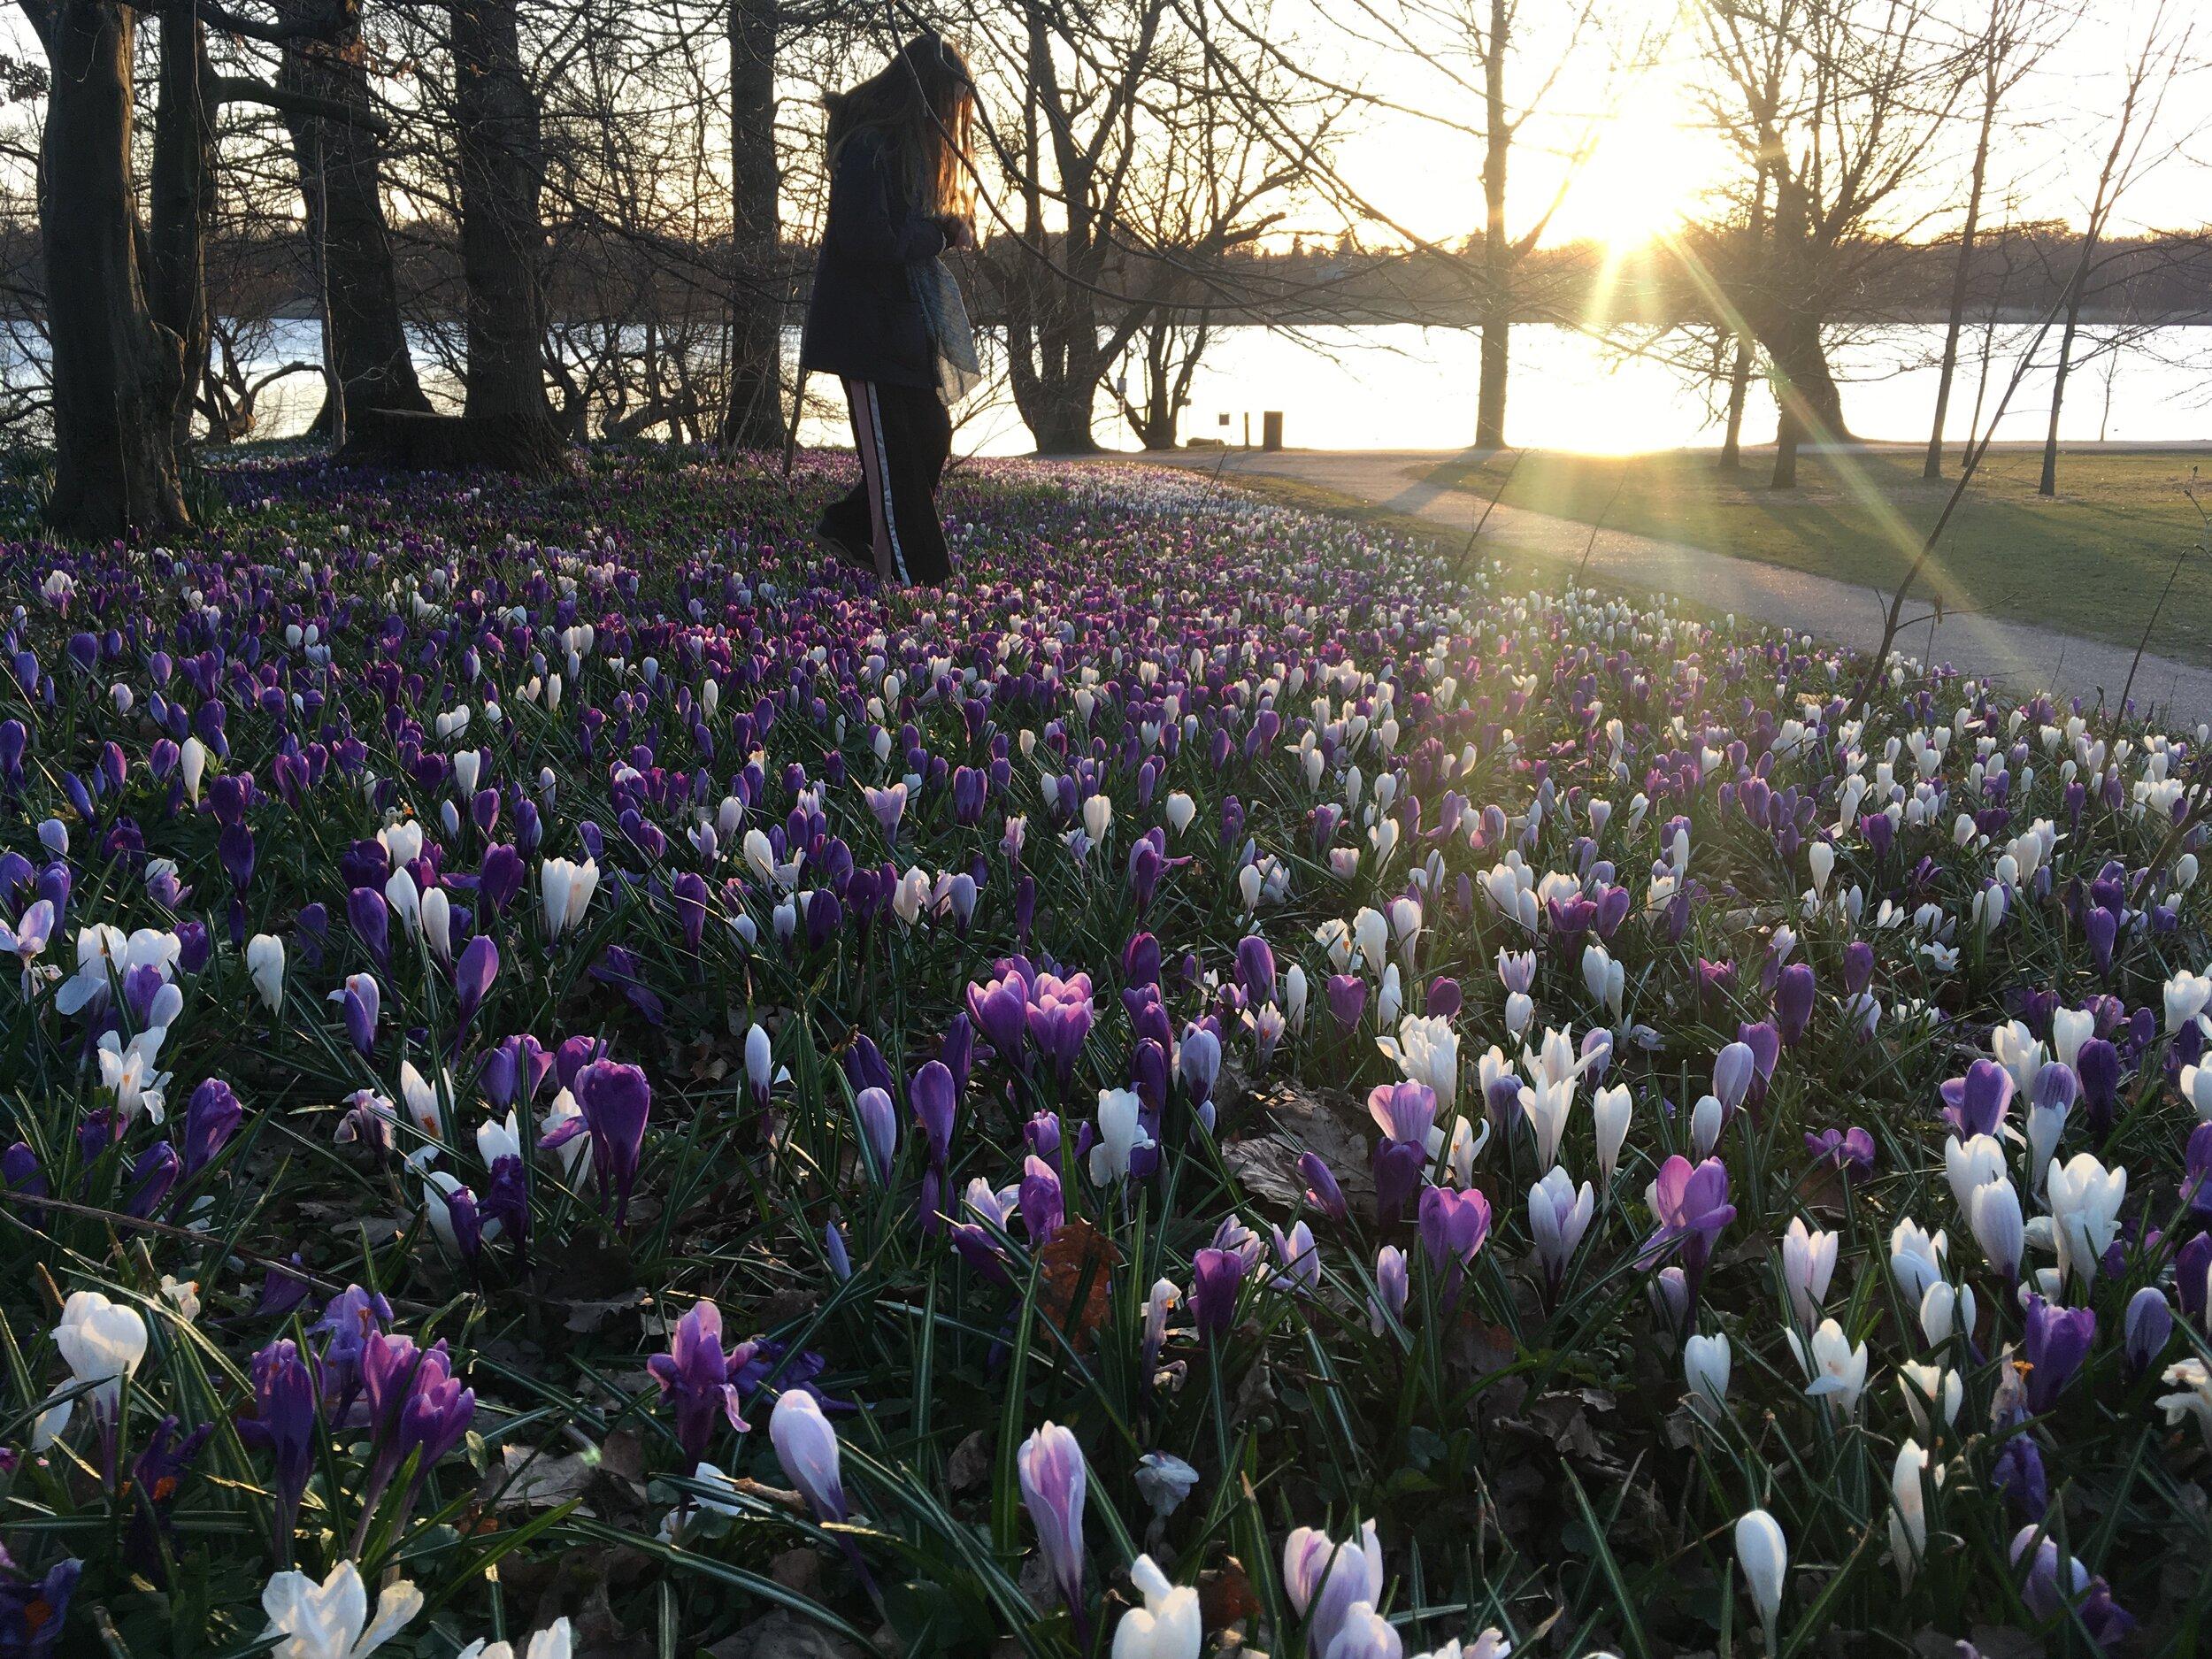 Krokus trives også på lerjord. Det her syn tilhører hverken mig eller en baronesse, men alle der kan finde på at gå tur ved Gentofte Sø om foråret. PS - der er en lille sti, hvor min datter træder. Hun tramper naturligvis ikke krokusblomsterne flade.